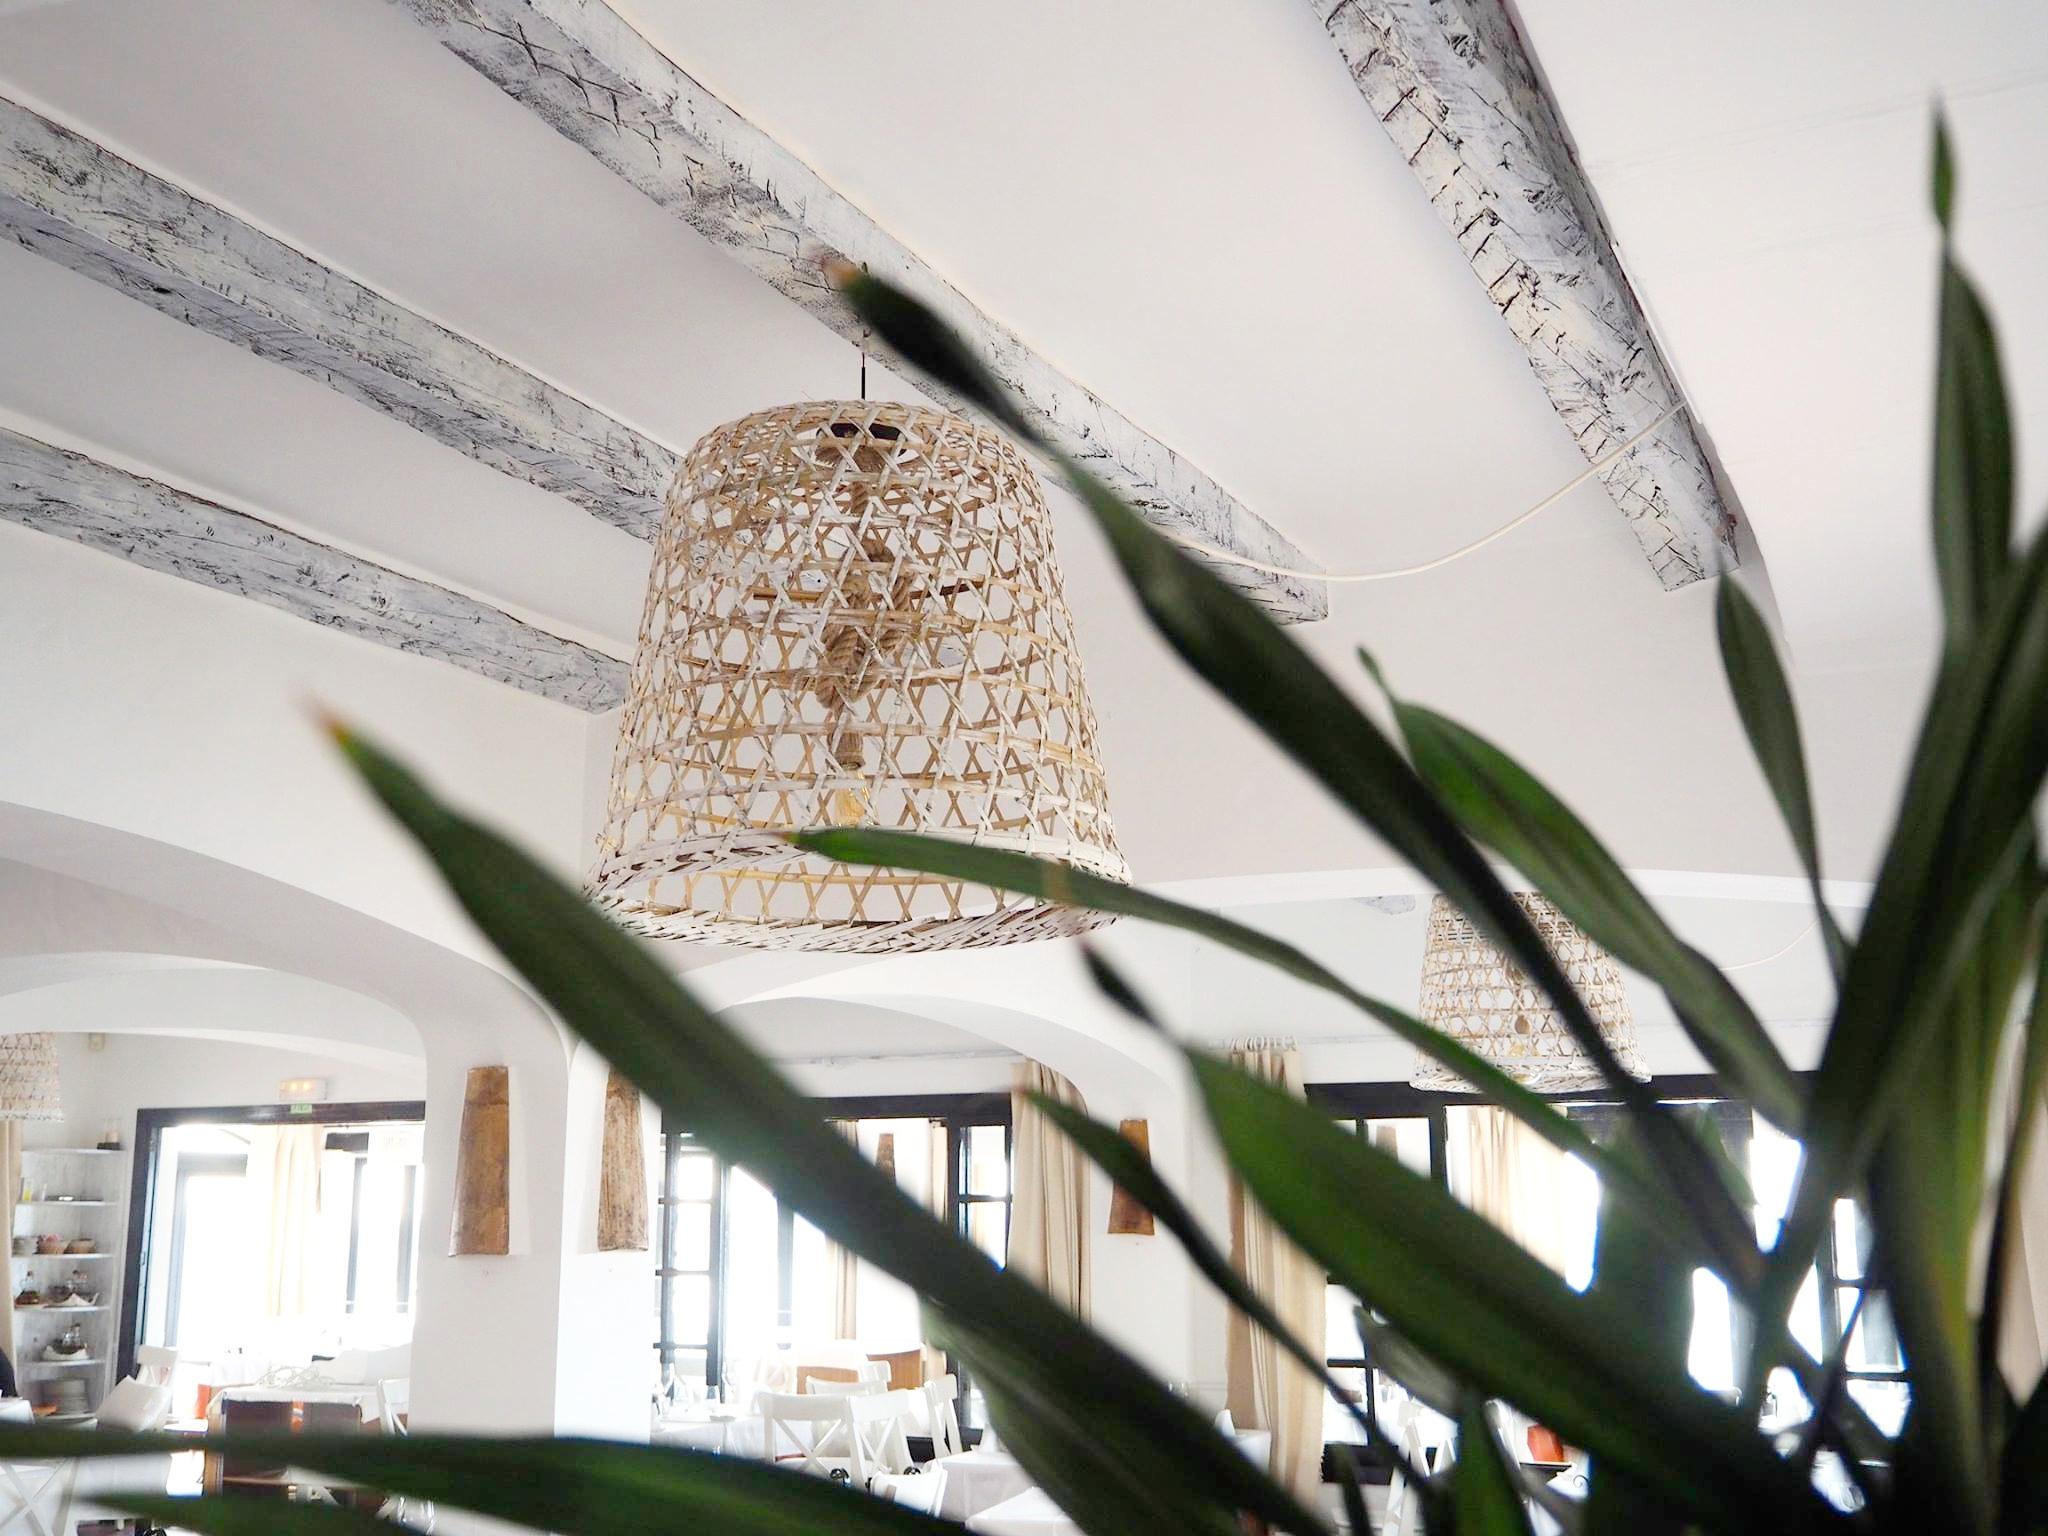 deguayhaus-interior-design-14